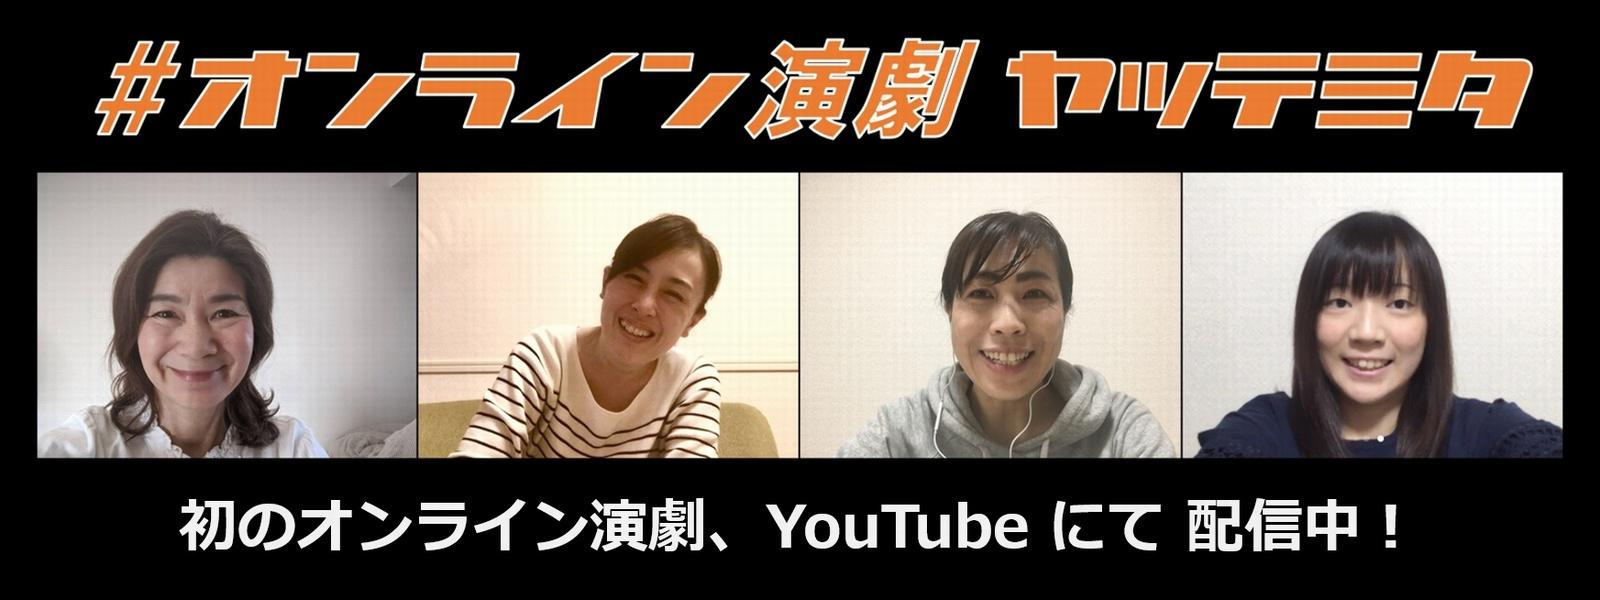 オンライン演劇ヤッテミタ 配信中